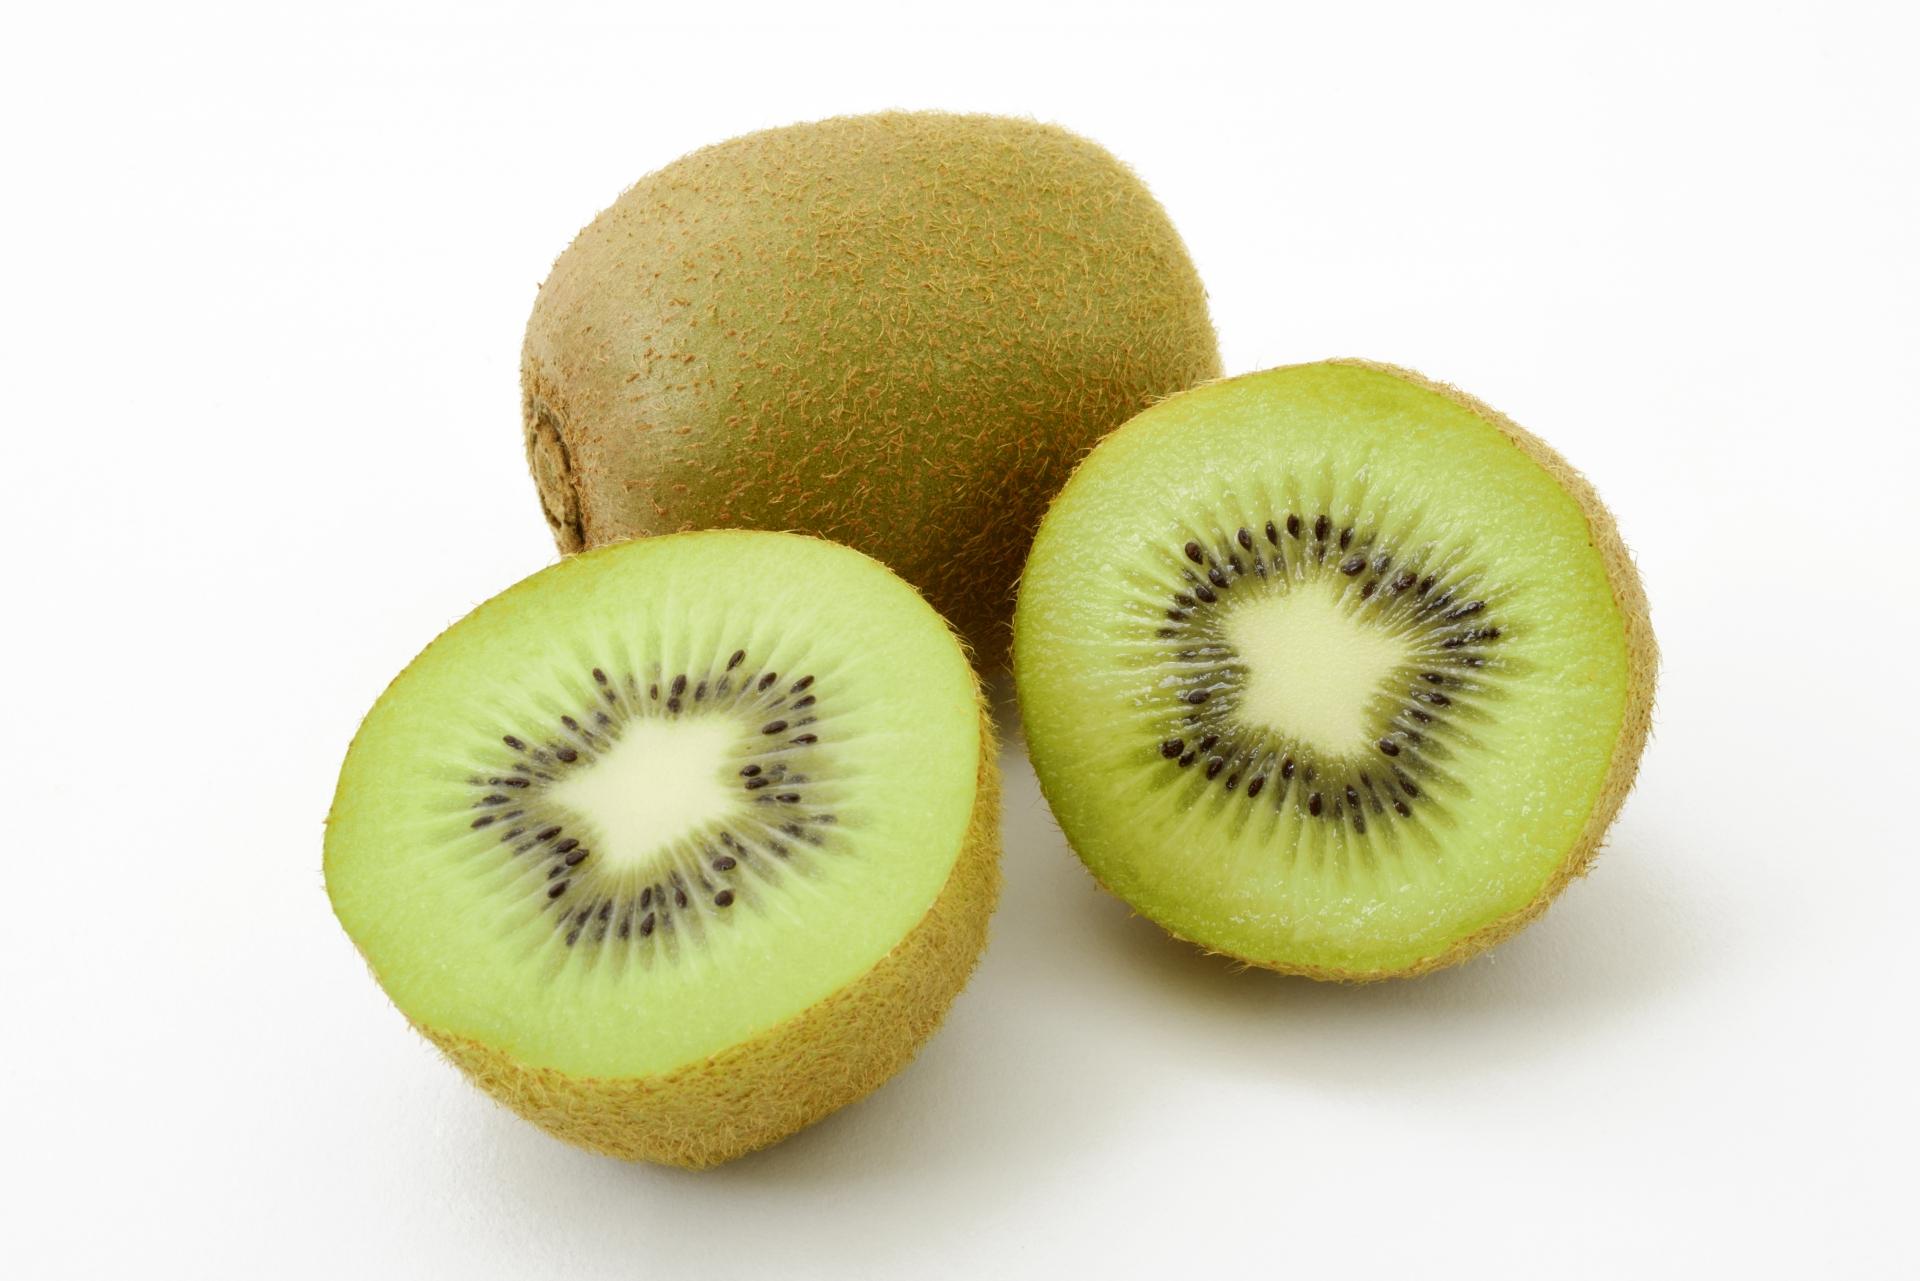 【AGA対策】果物のキウイによる5αリダクターゼ阻害効果を徹底調査